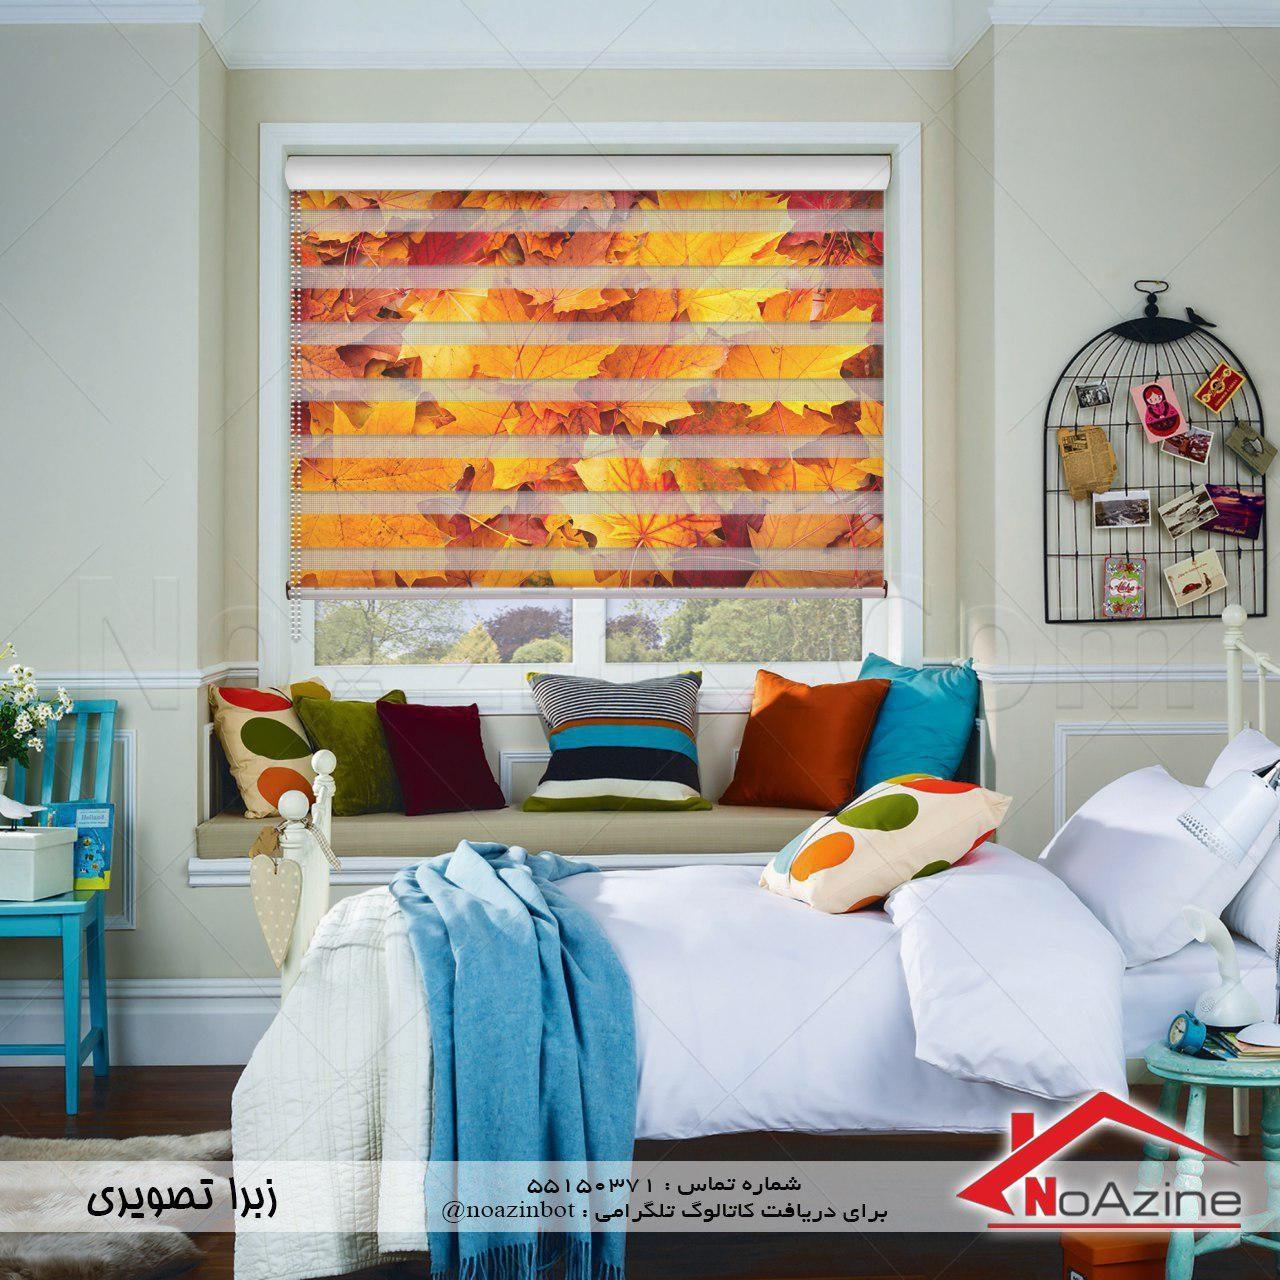 ترکیب رنگهای آبی و قرمز در پرده زبرا و لوردراپه و شید تصویری تاثیر آن در دکوراسیون داخلی